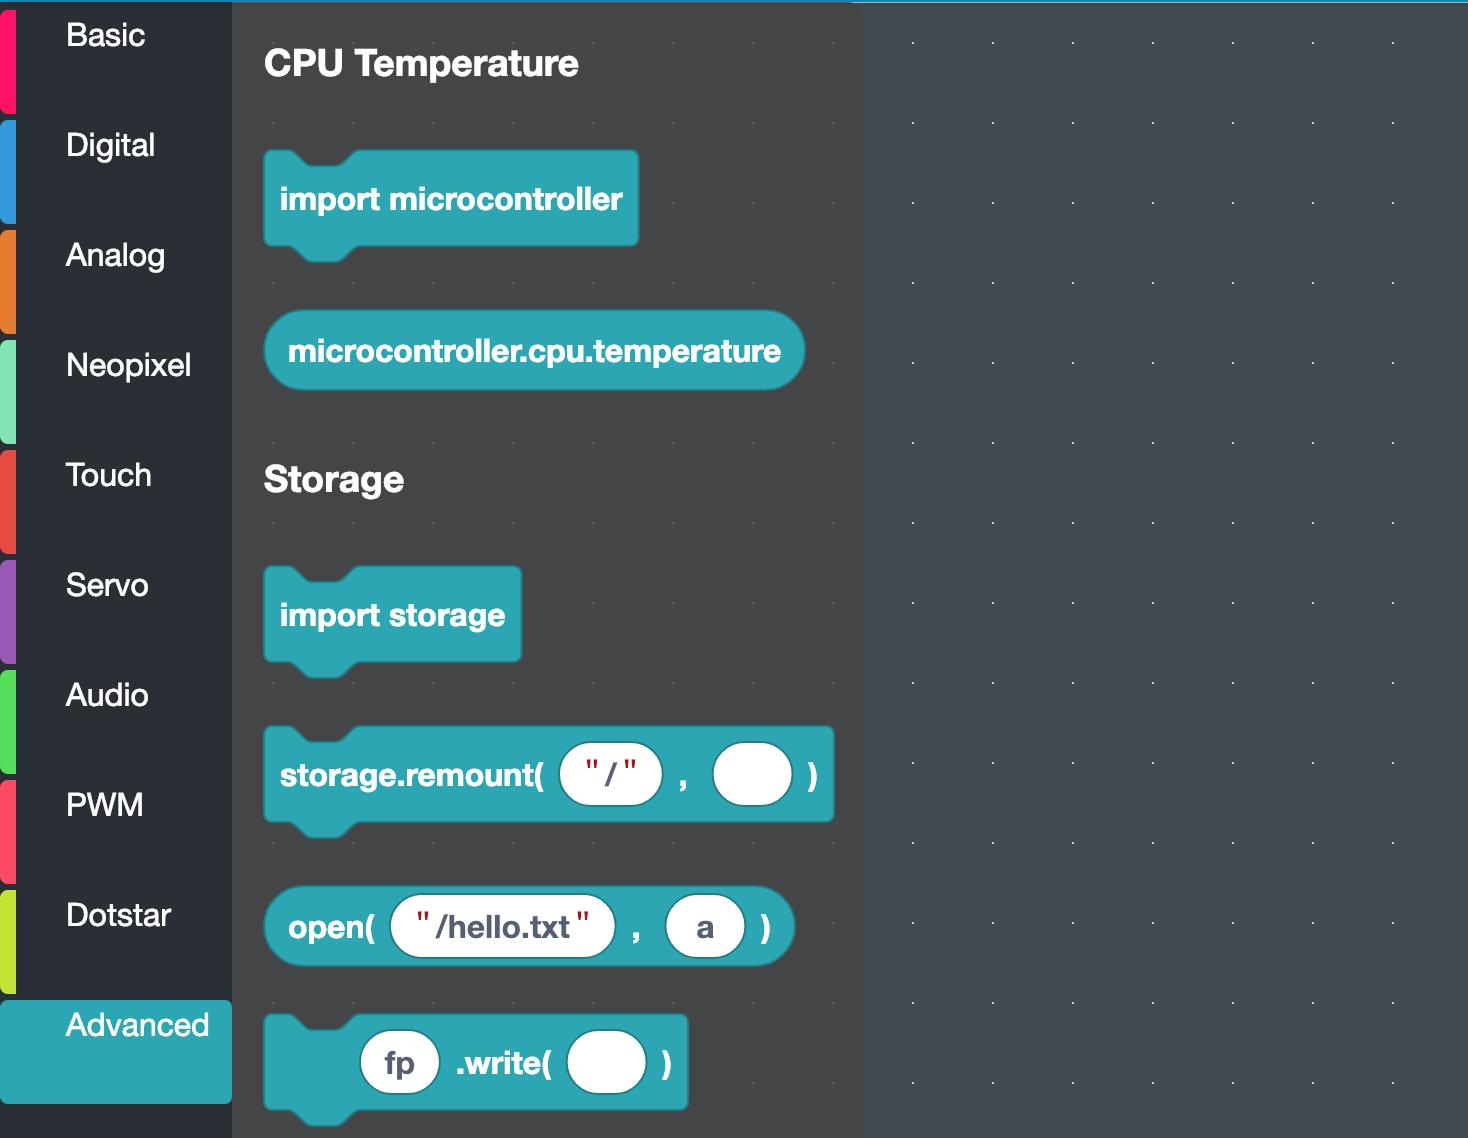 circuitpython_Screen_Shot_2019-02-04_at_12.06.05_PM.png